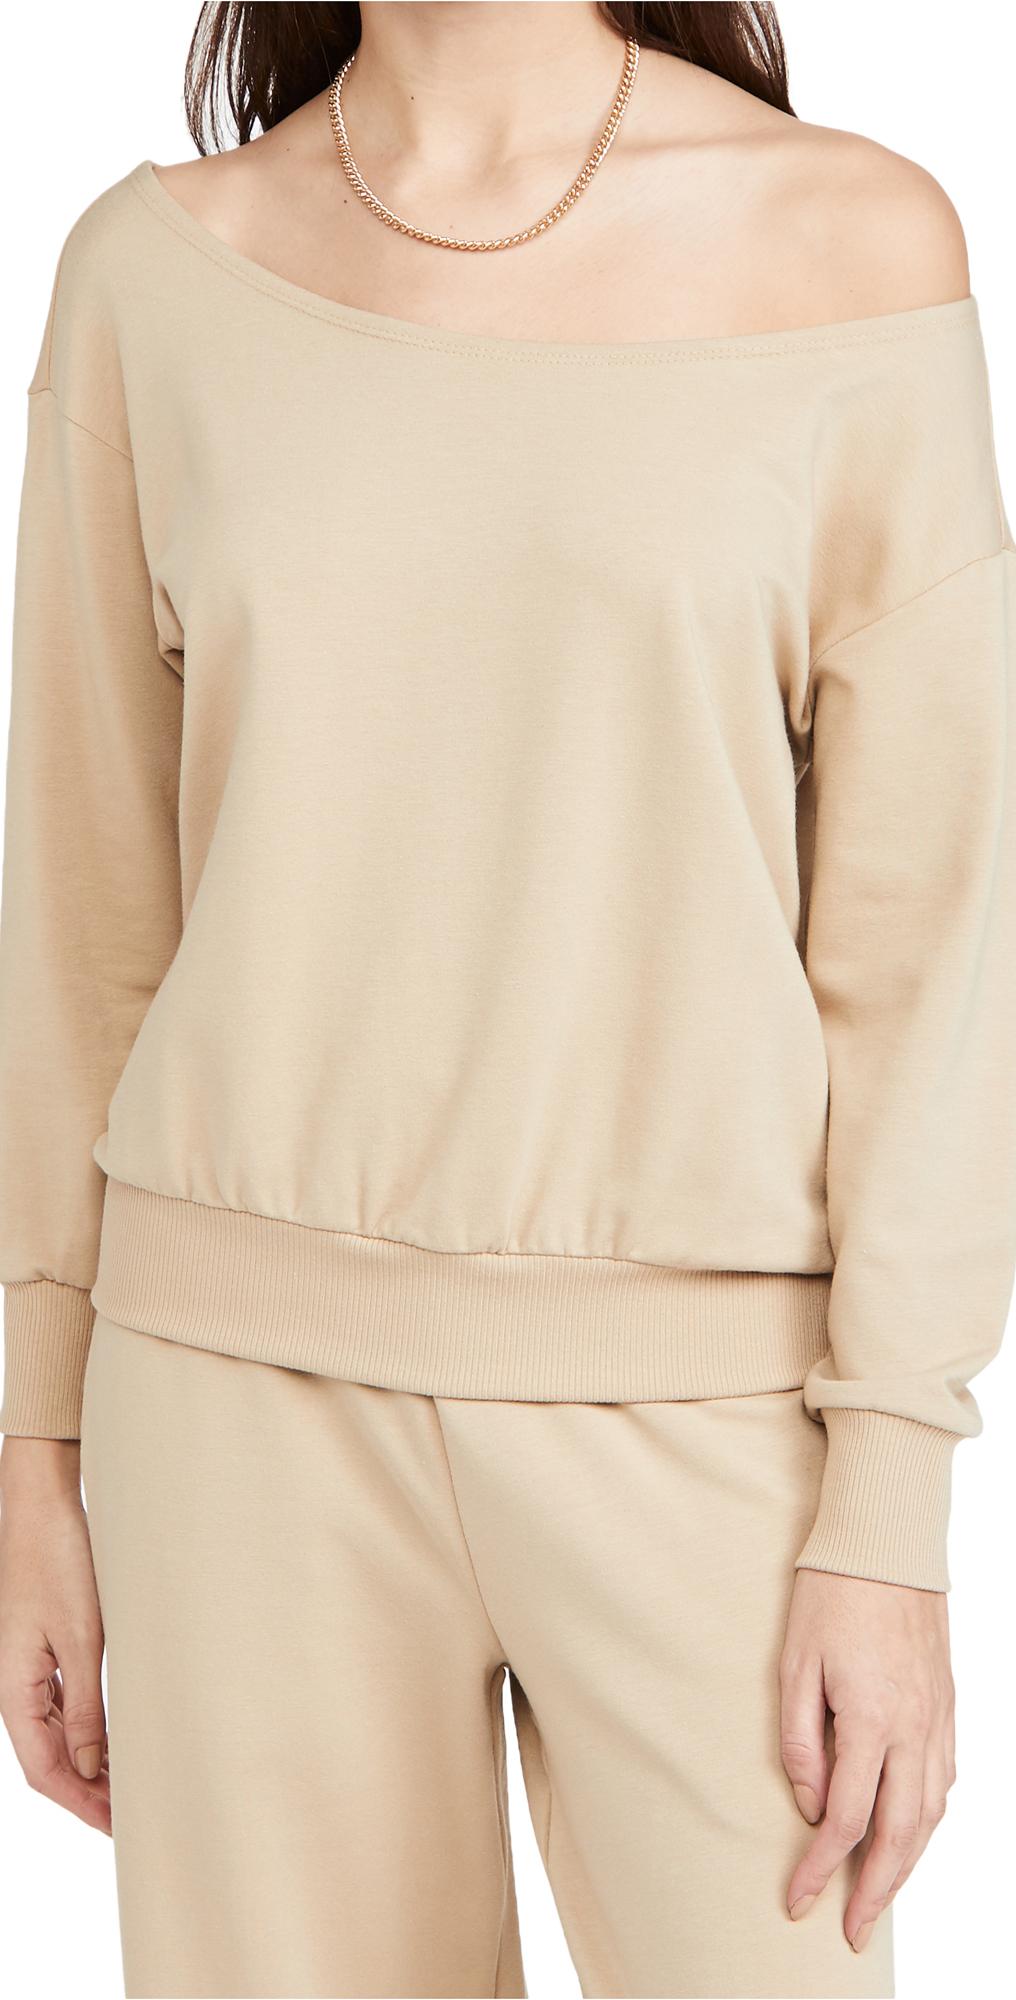 L'AGENCE Kimora Off Shoulder Top